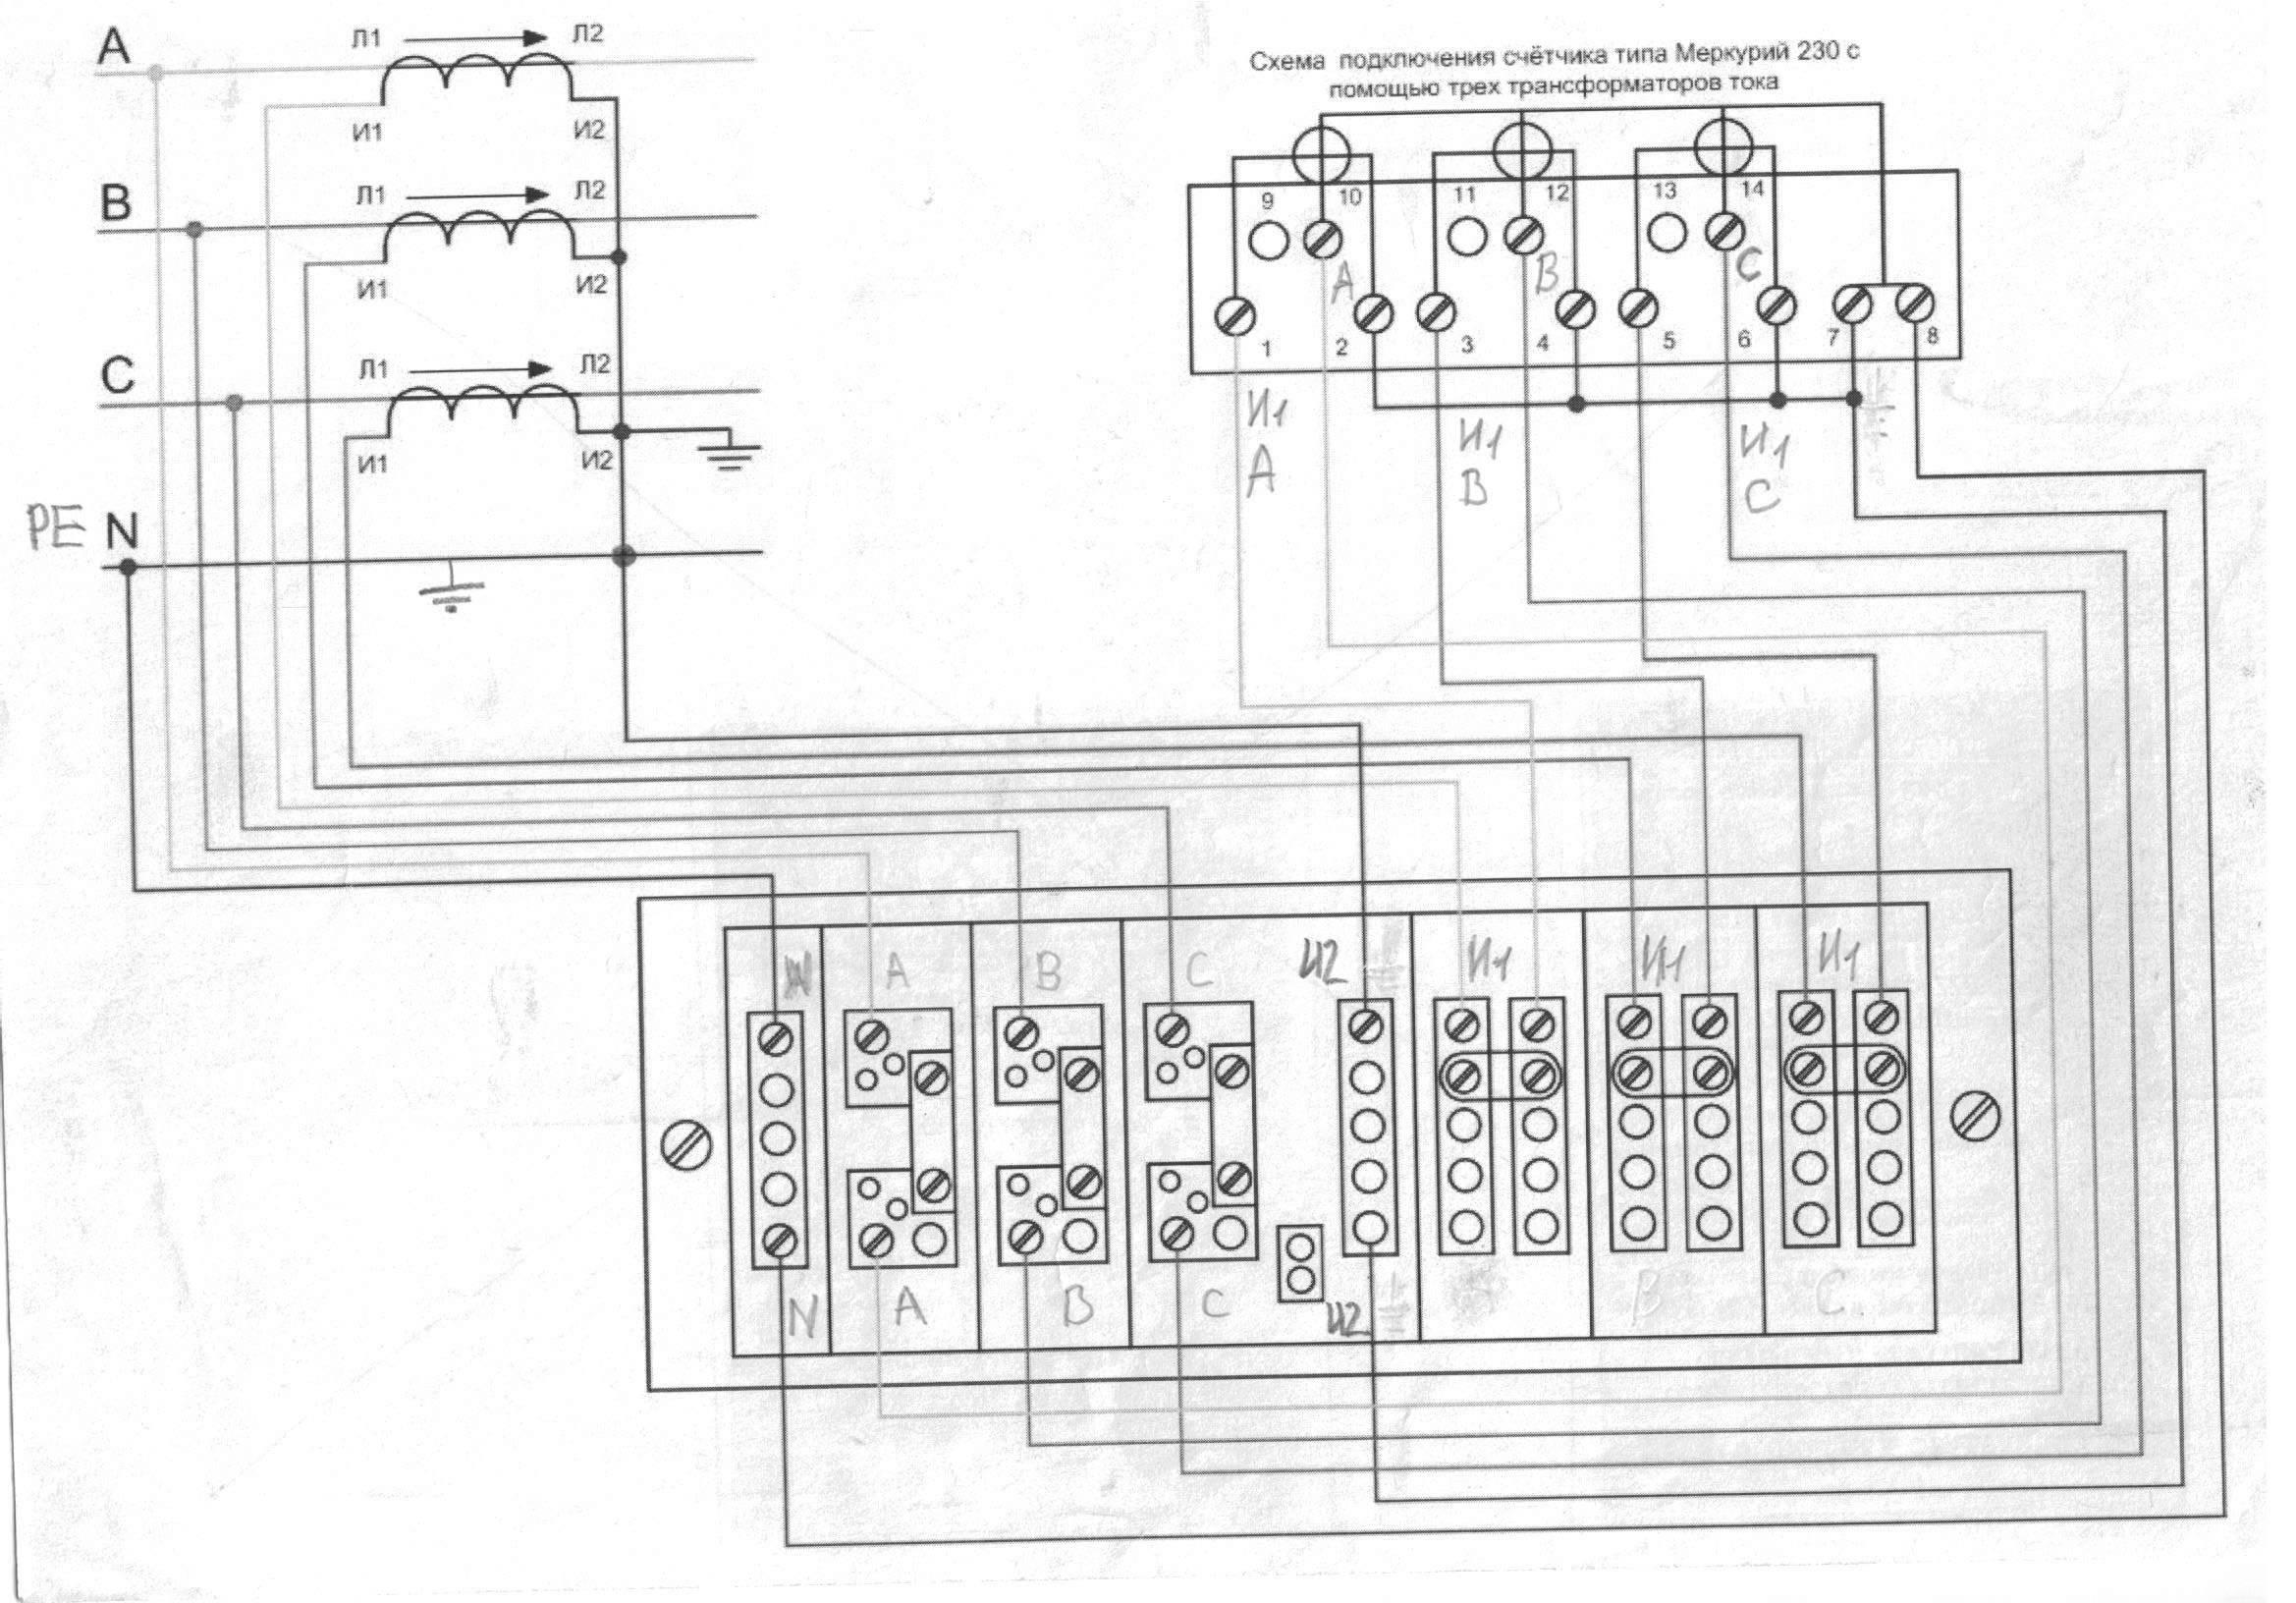 Схема подключения меркурий 230